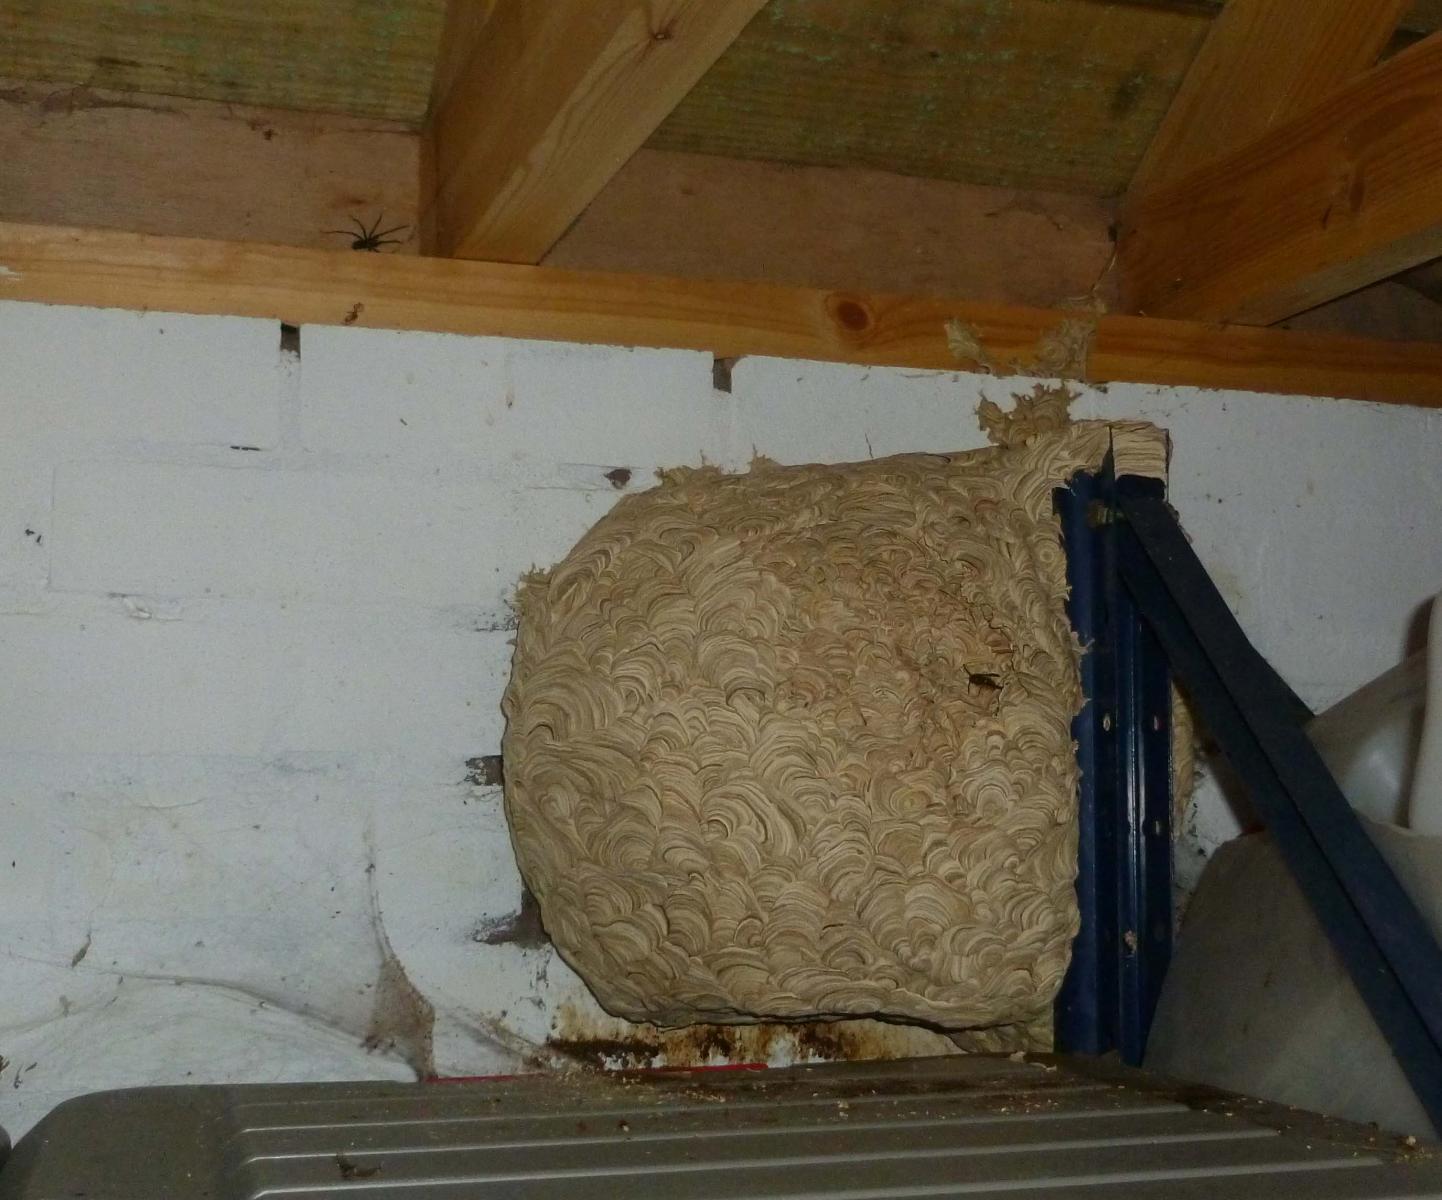 Large wasps nest